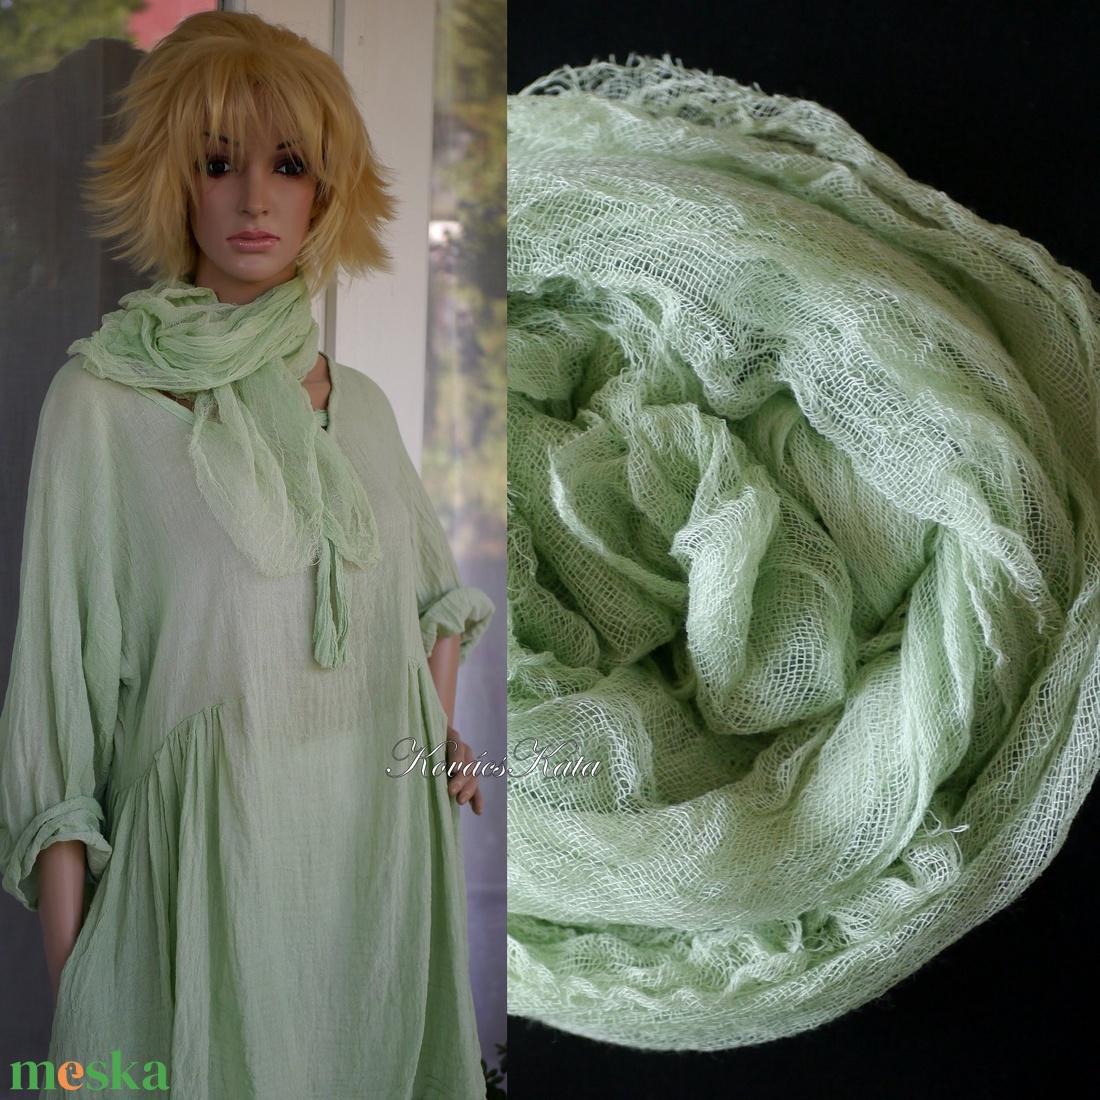 MULL-KENDŐ / almazöld - batikolt géz sál - ruha & divat - sál, sapka, kendő - sál - Meska.hu